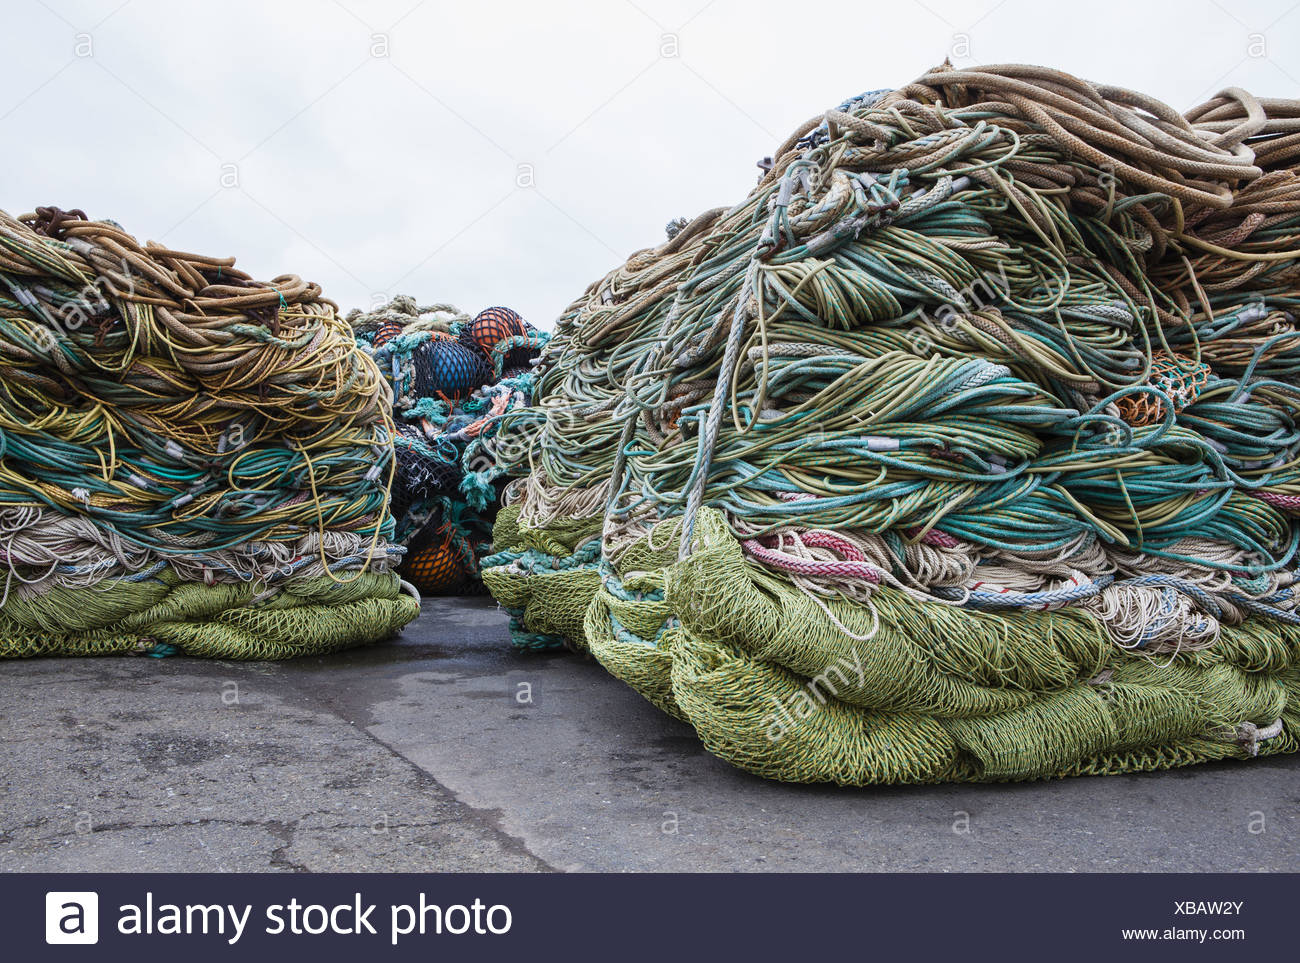 Seattle, Washington, EE.UU. redes de pesca comercial en la Terminal del pescador. Imagen De Stock